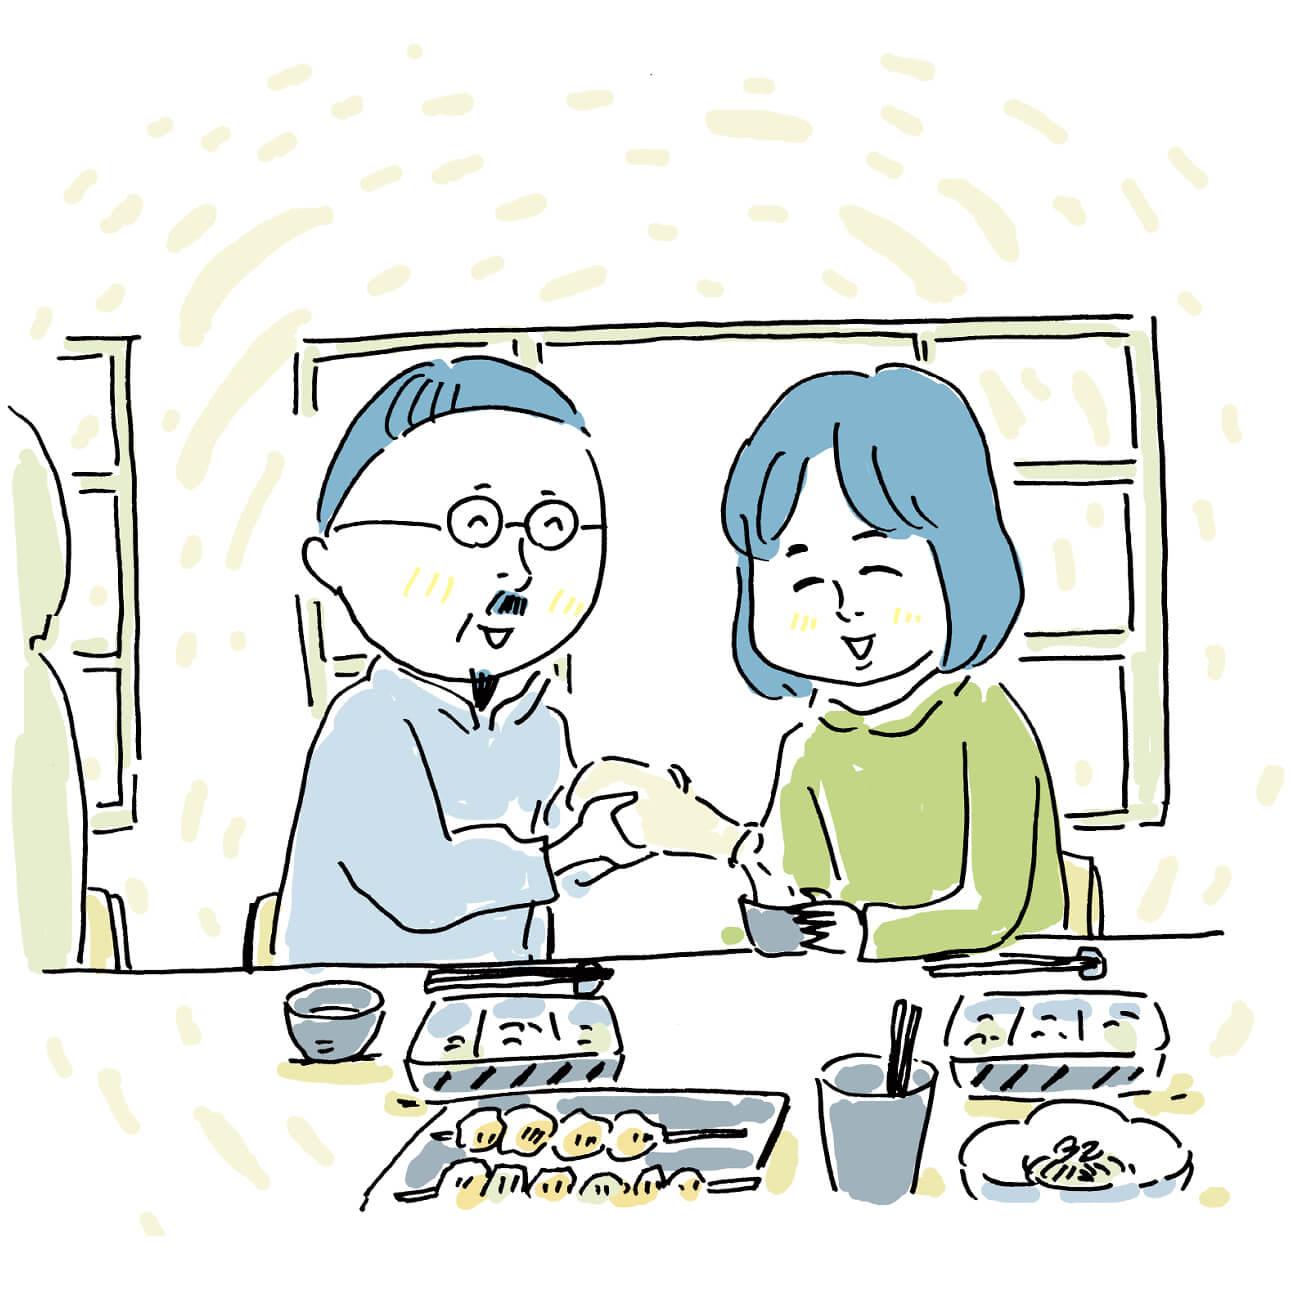 居酒屋では、生活空間とは別の場所で差し向かいになることで、お互いの話に集中できる。